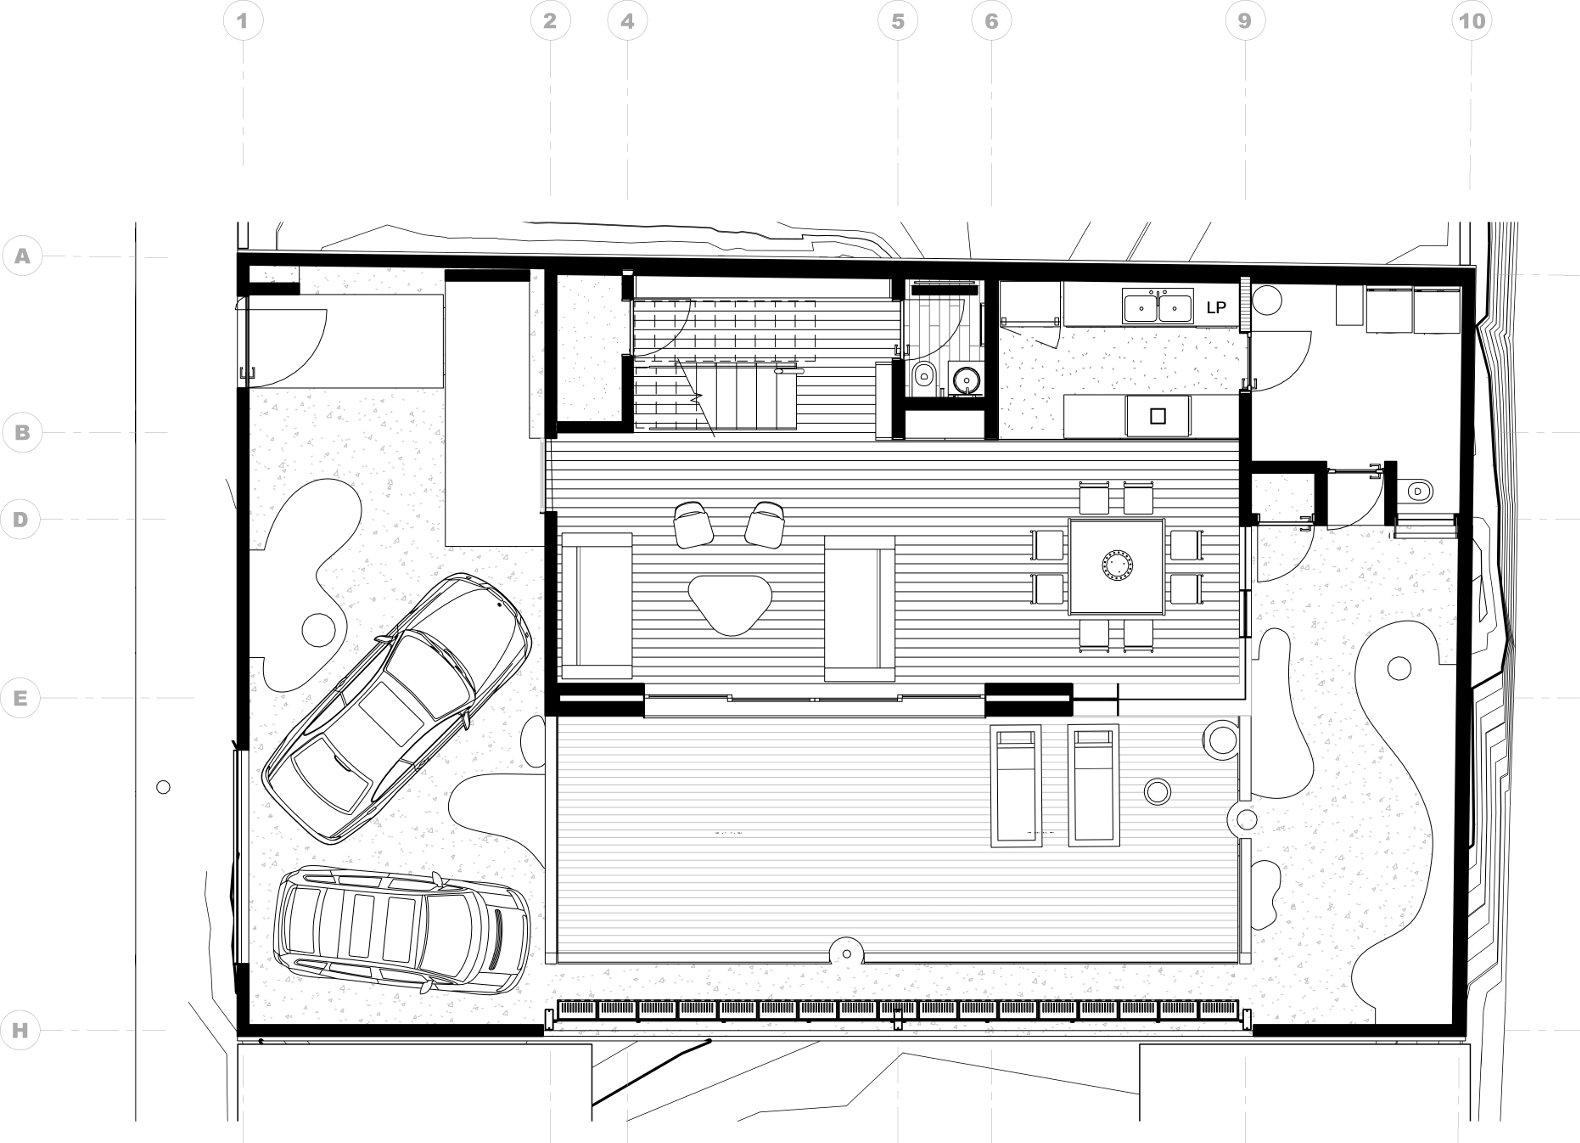 Paul Cremoux Casa Nirau floorplan 1?resize\=665%2C481\&ssl\=1 princecraft wiring diagram wiring diagram shrutiradio 2004 princecraft speedometer wiring diagram at soozxer.org